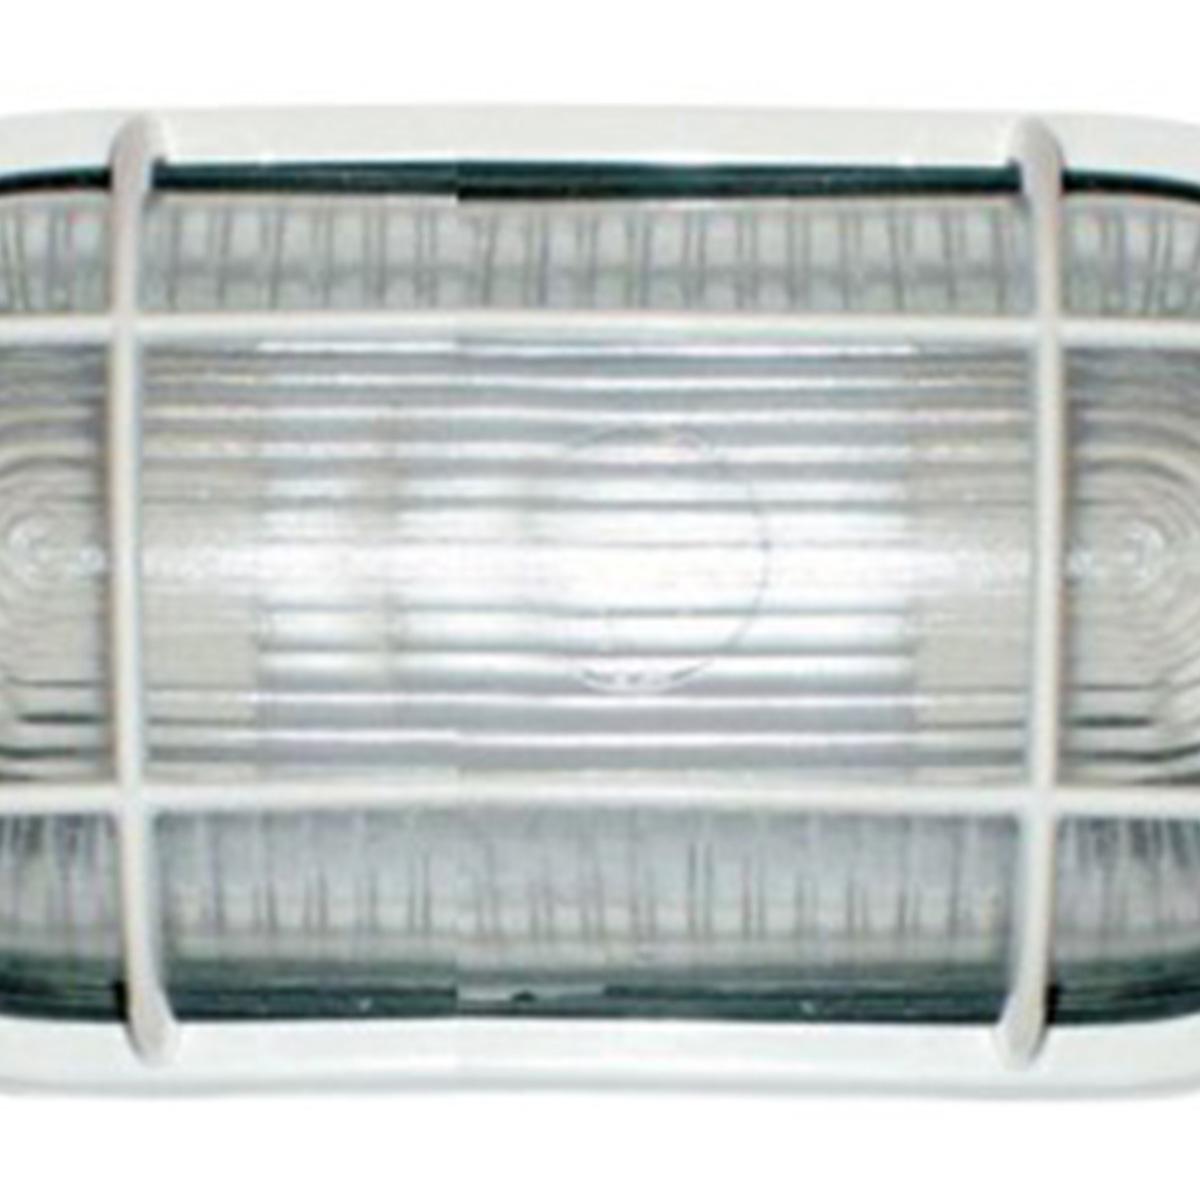 Tartaruga Oval 20cm Aluminio Pint. Epoxi E-27 1 Lamp. Max 60w C/ Grade Branca